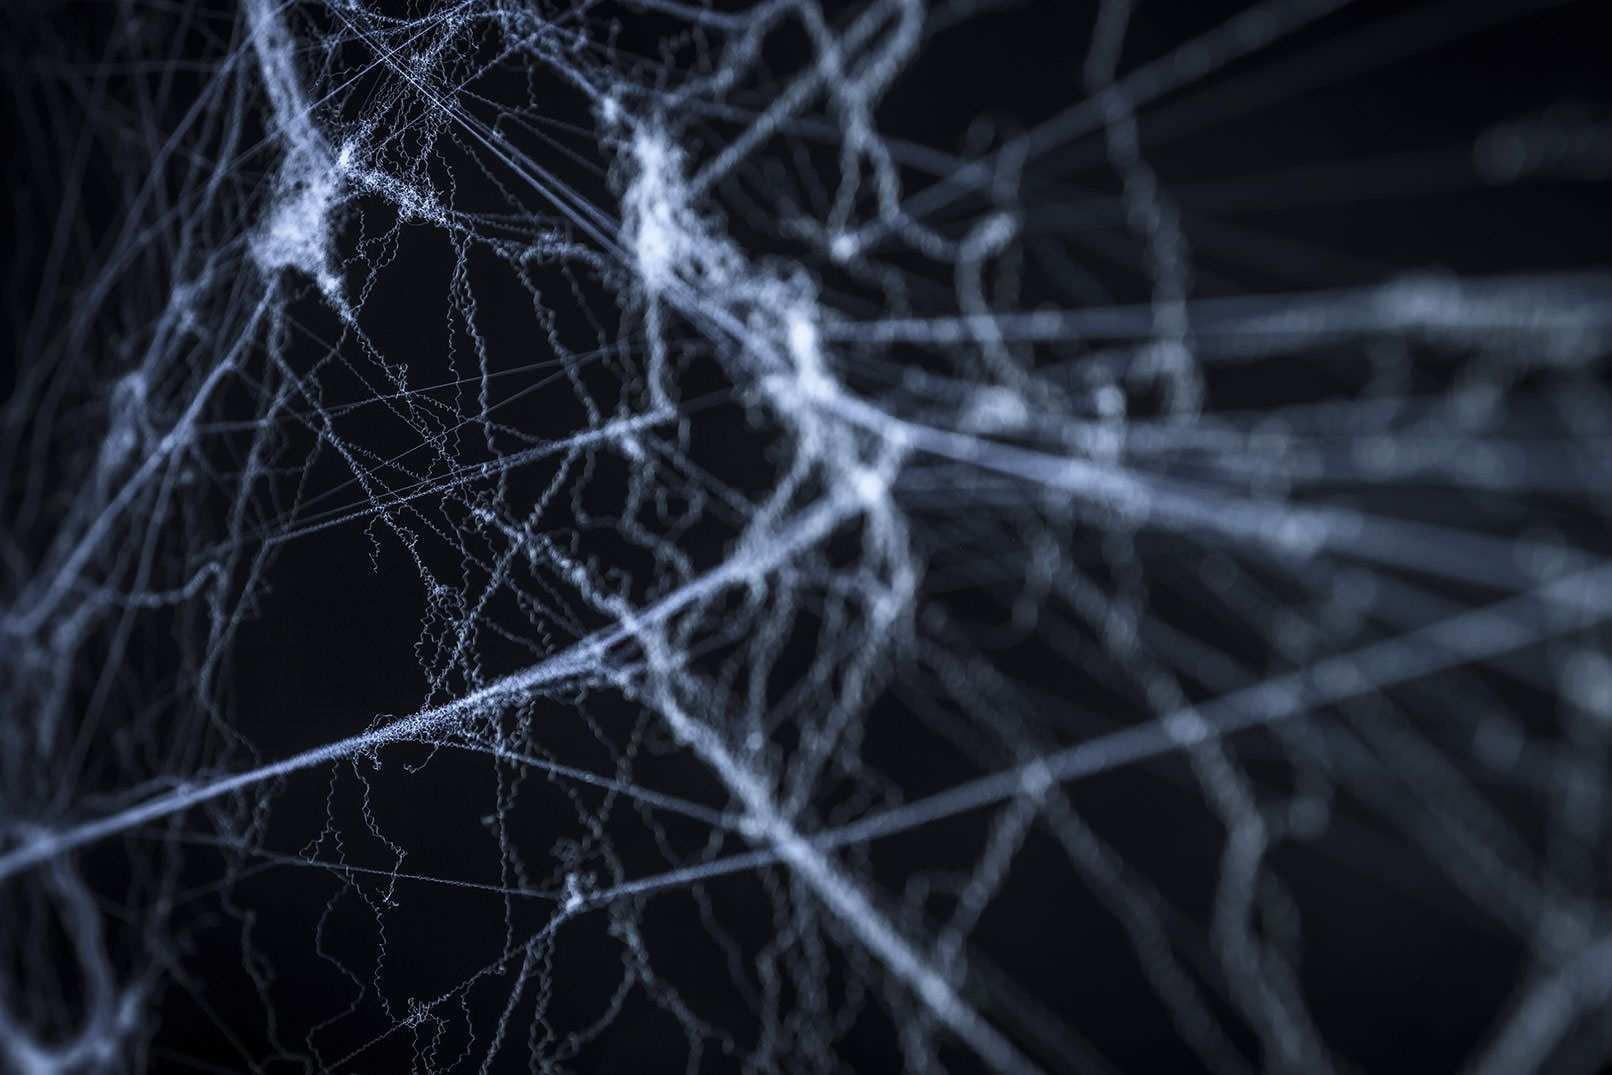 Spinnennetz Bilder Vorlagen Von Spinnweben Fur Composings Spinnennetz Bilder Spinne